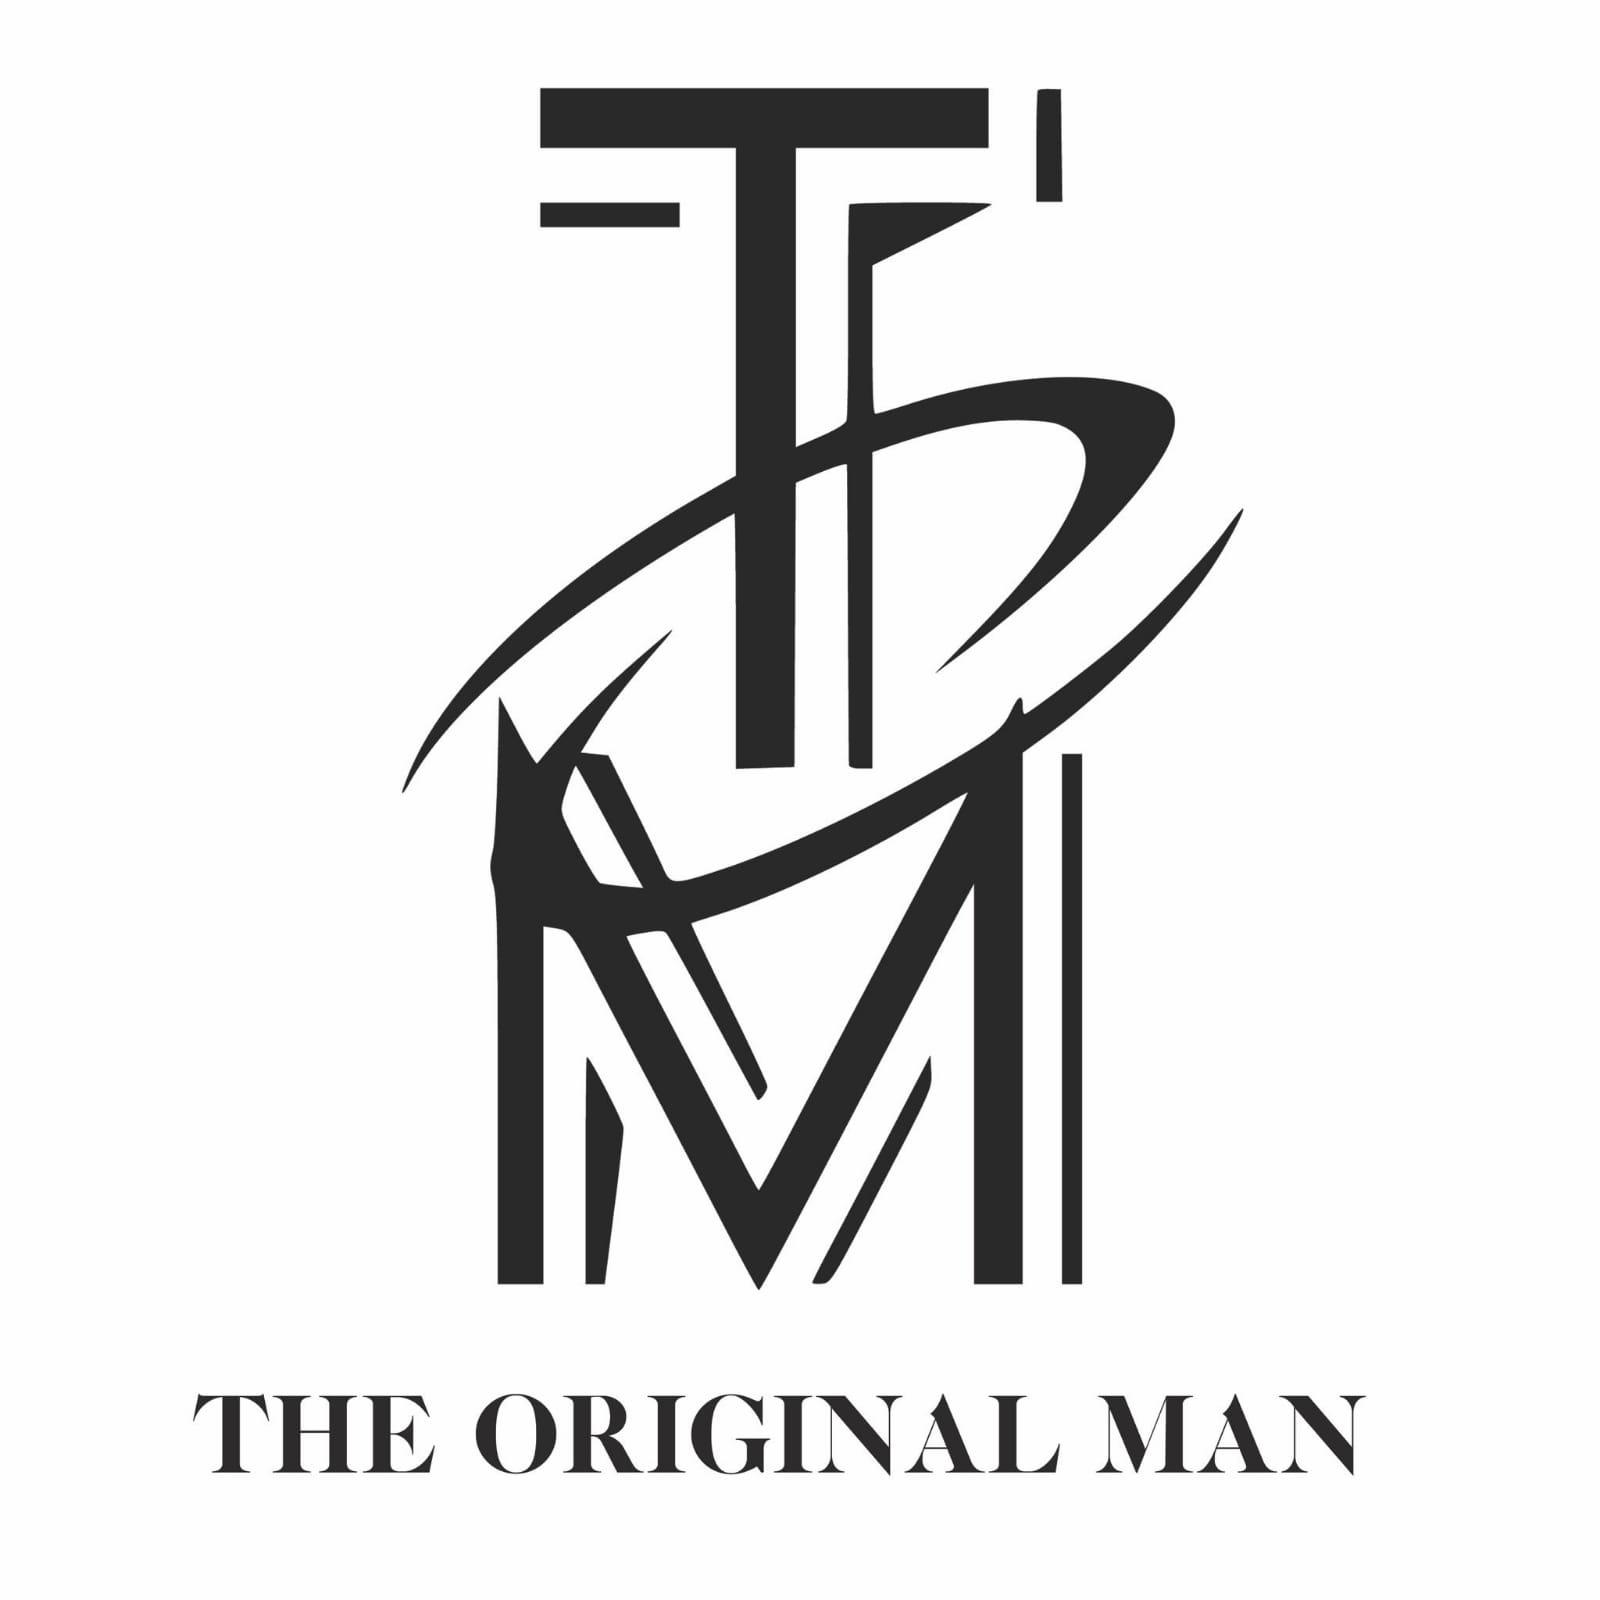 The Original Man Apparel